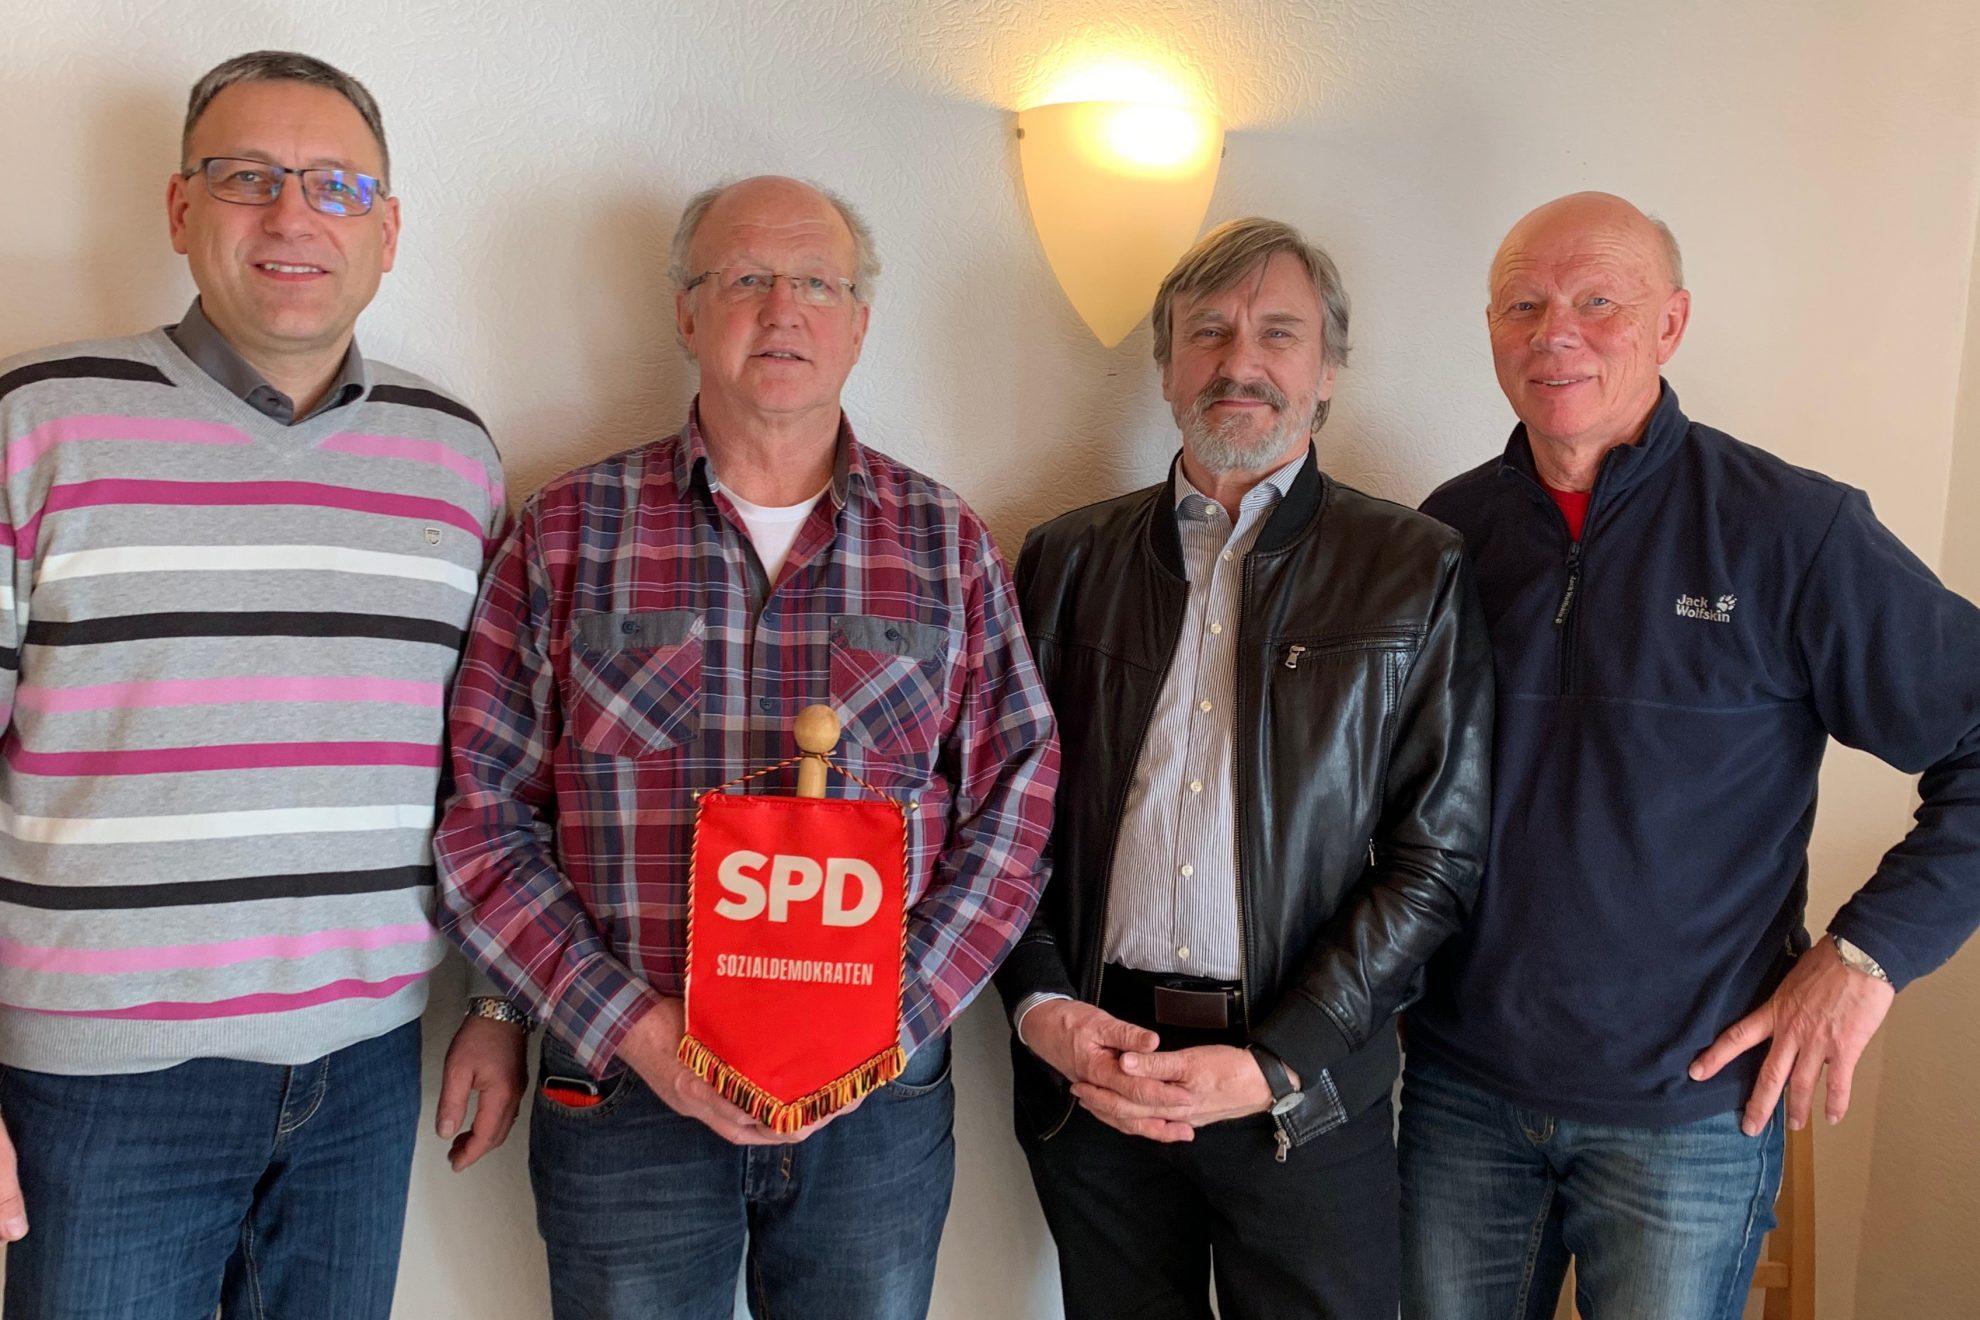 vlnr Thomas Lubbe, Dieter Schaake, Jürgen Wilden, Karlheinz Ludwig